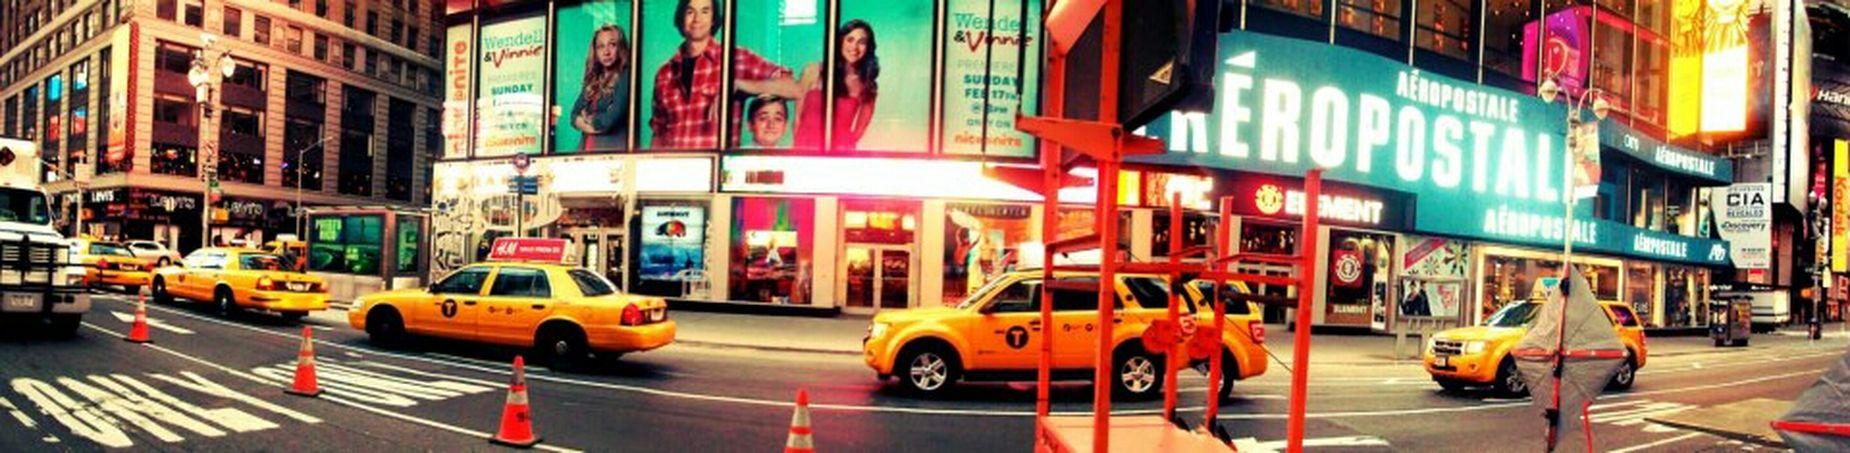 NYC Eye4photography